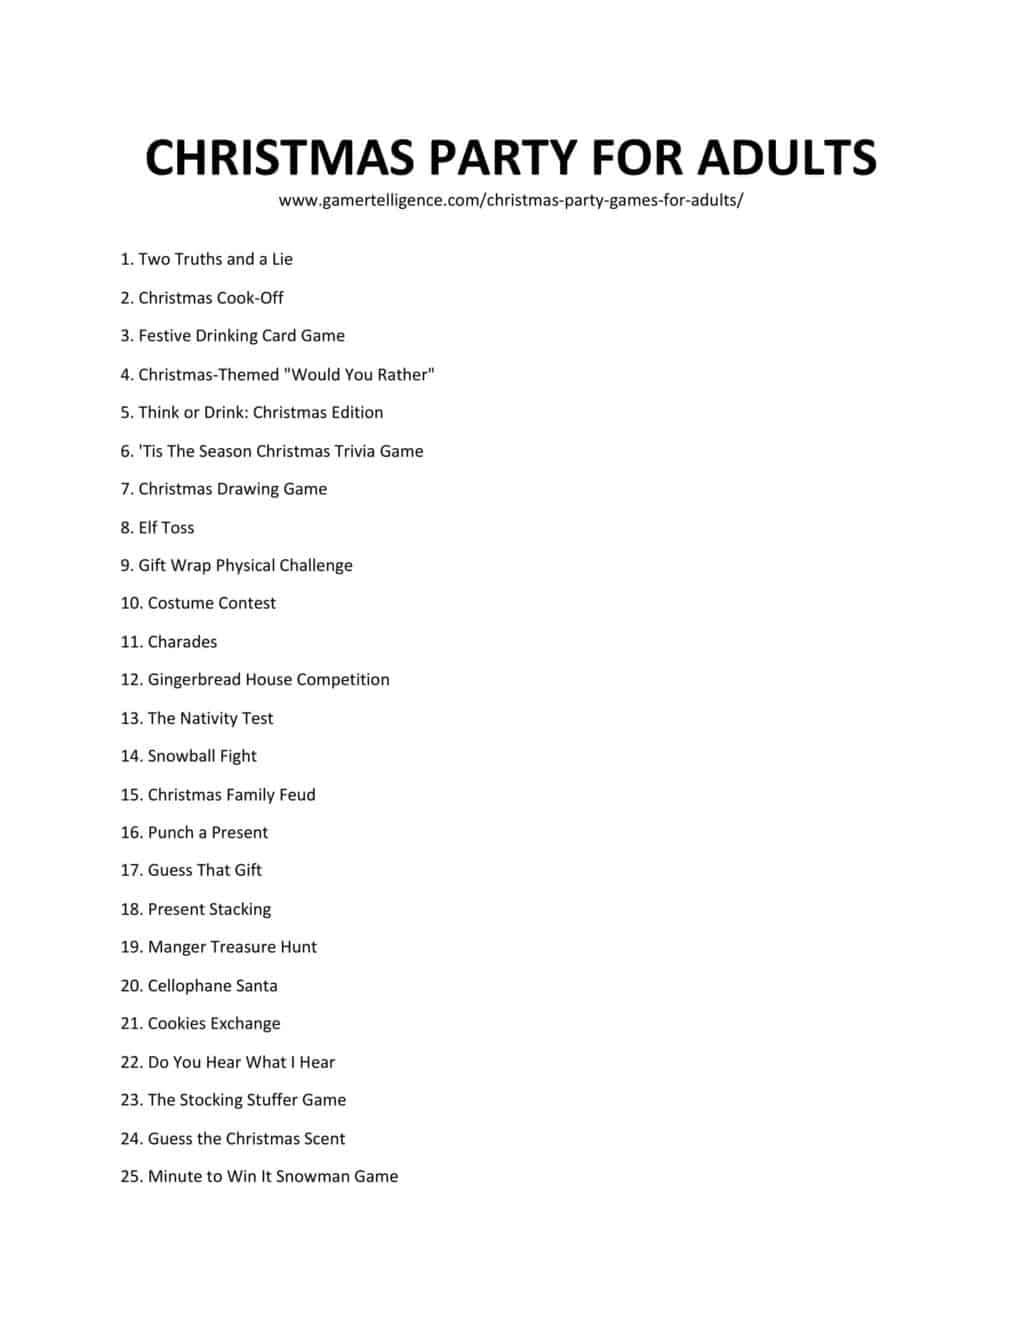 Downloadable and printable jpg/pdf list